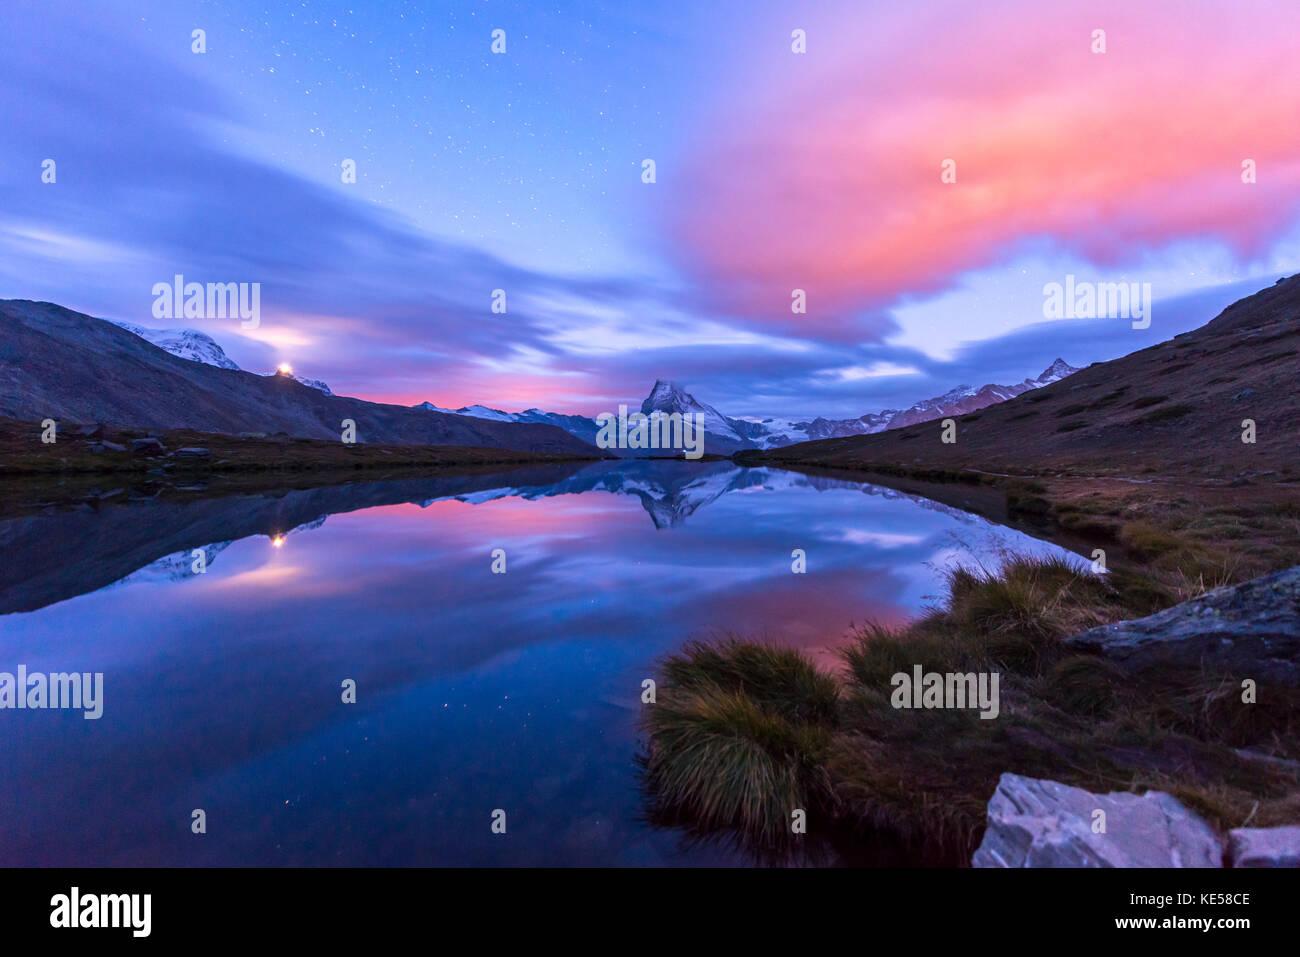 Matterhorn est reflétée dans le stellisee à l'aube, Zermatt, Valais, canton du Valais, Suisse Photo Stock